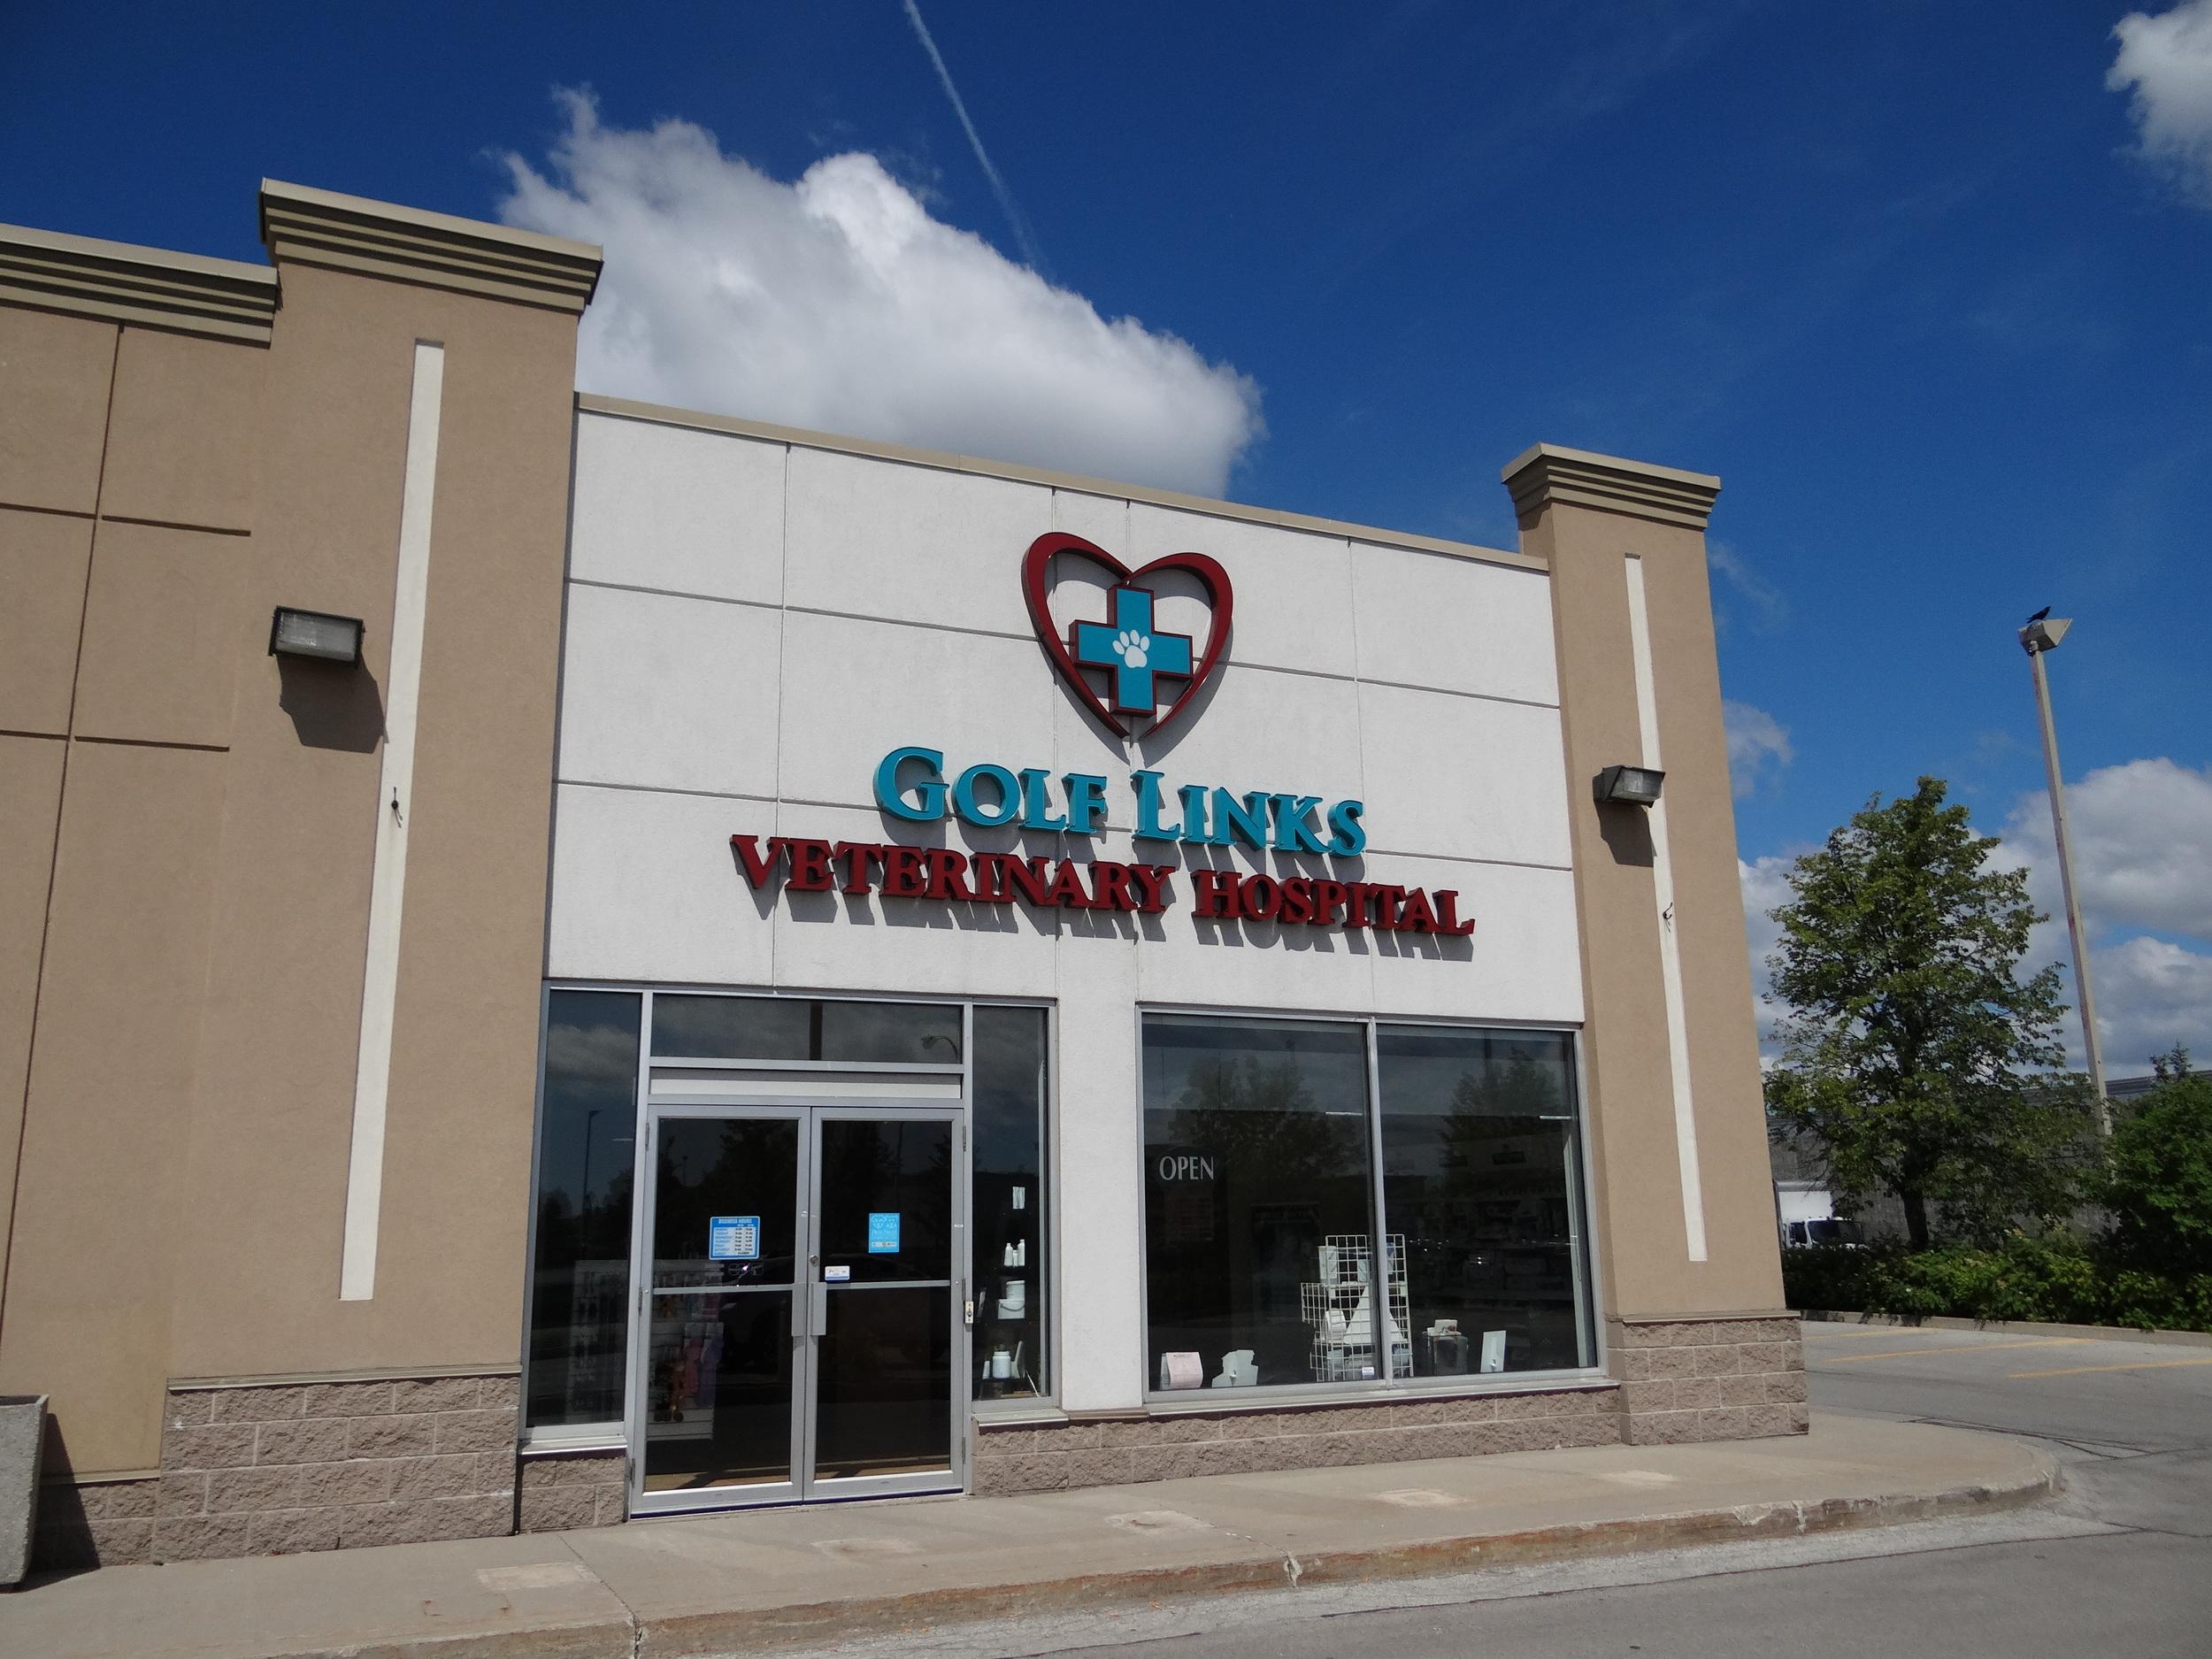 Golflinks Vet Clinic.jpg